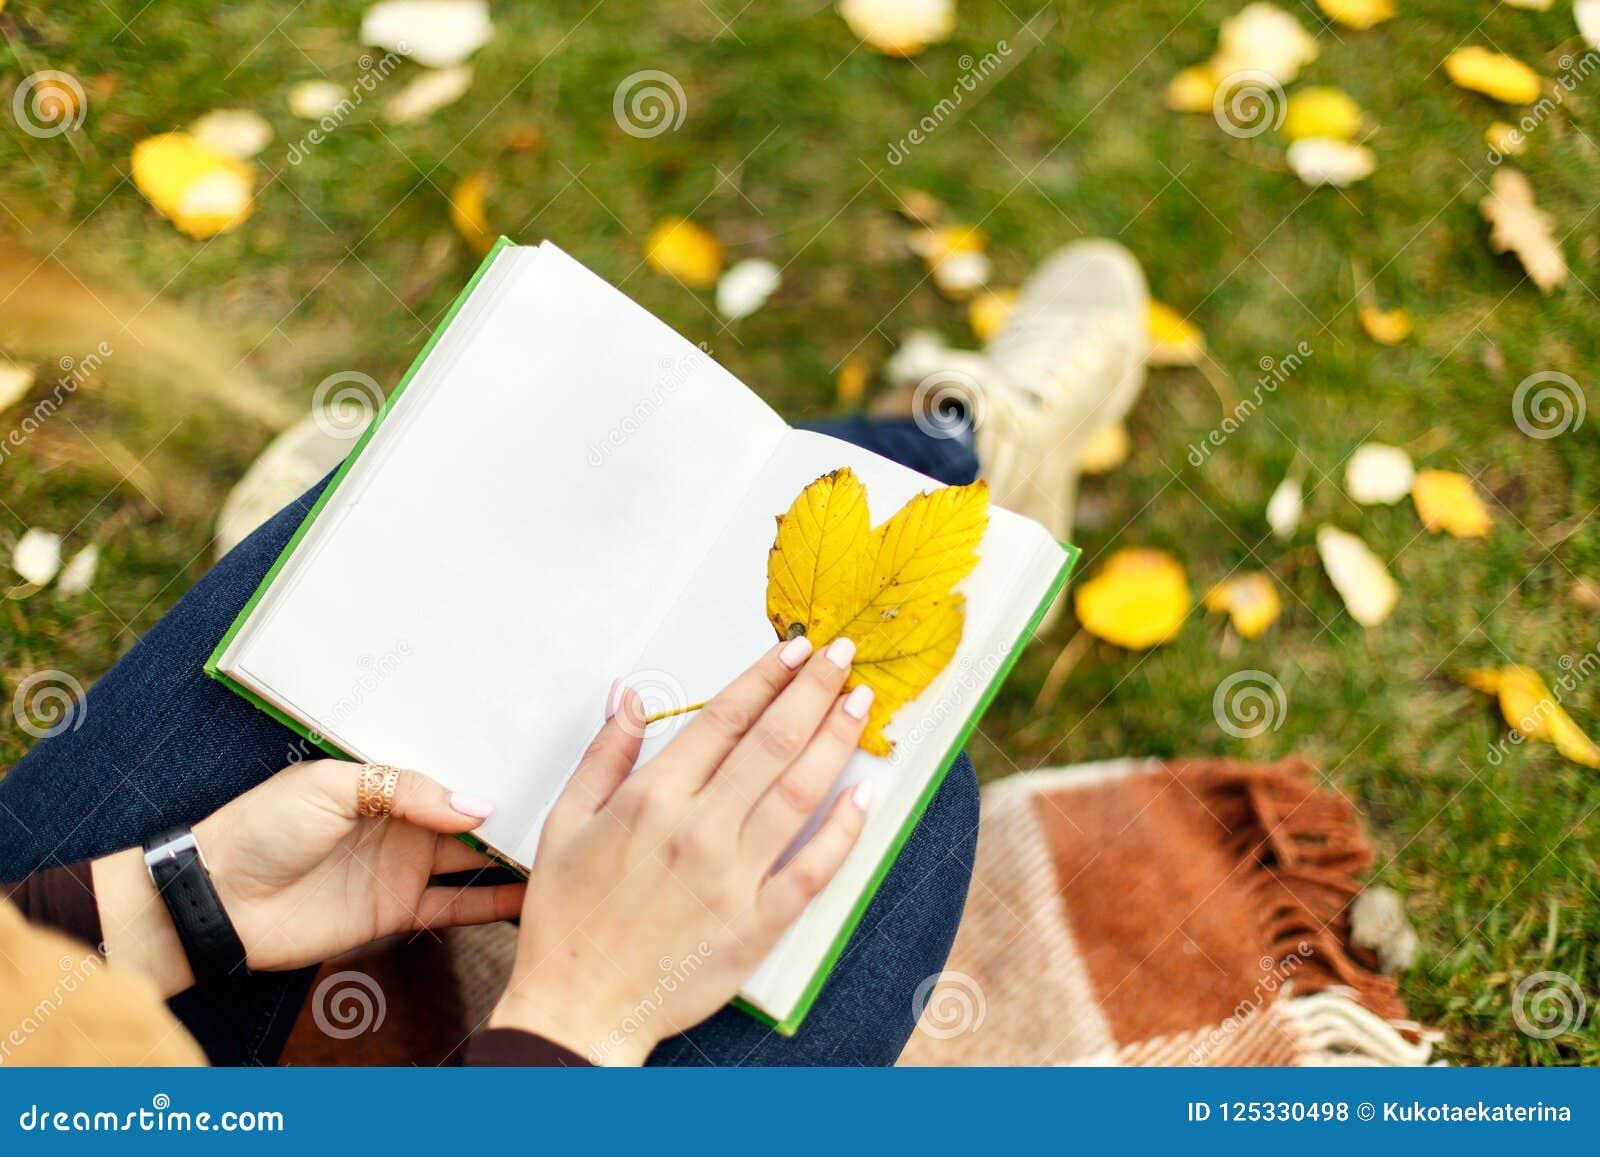 Η άποψη άνωθεν σε ετοιμότητα γυναικών με το ανοικτό βιβλίο που χρησιμοποιεί yeelow βγάζει φύλλα όπως το σελιδοδείκτη για ένα βιβλ